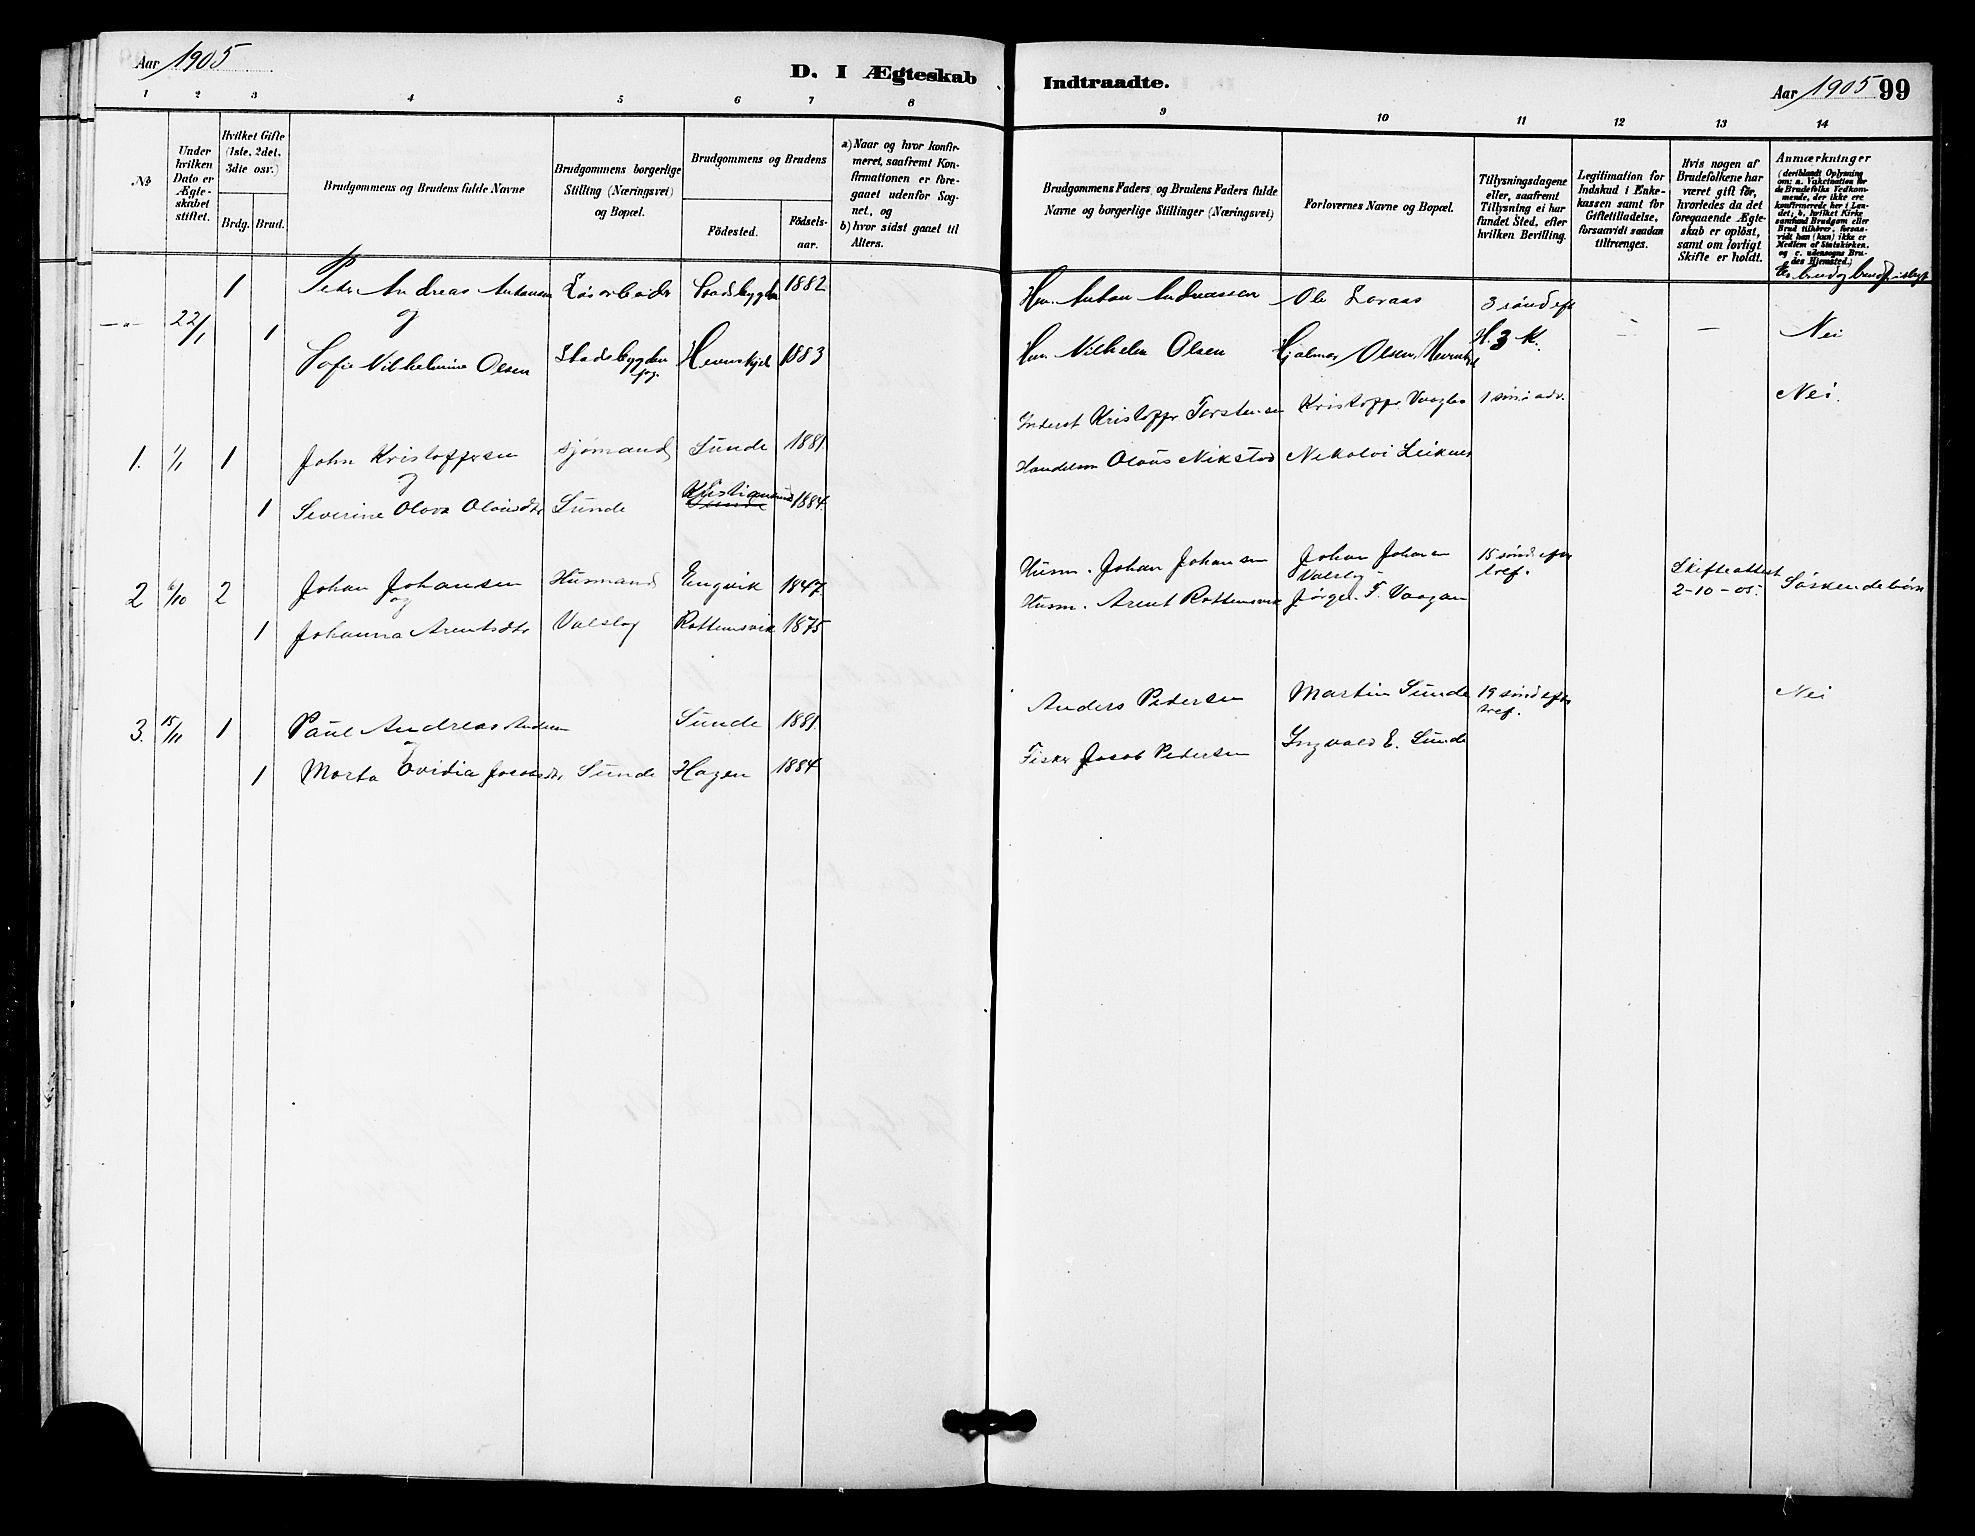 SAT, Ministerialprotokoller, klokkerbøker og fødselsregistre - Sør-Trøndelag, 633/L0519: Klokkerbok nr. 633C01, 1884-1905, s. 99